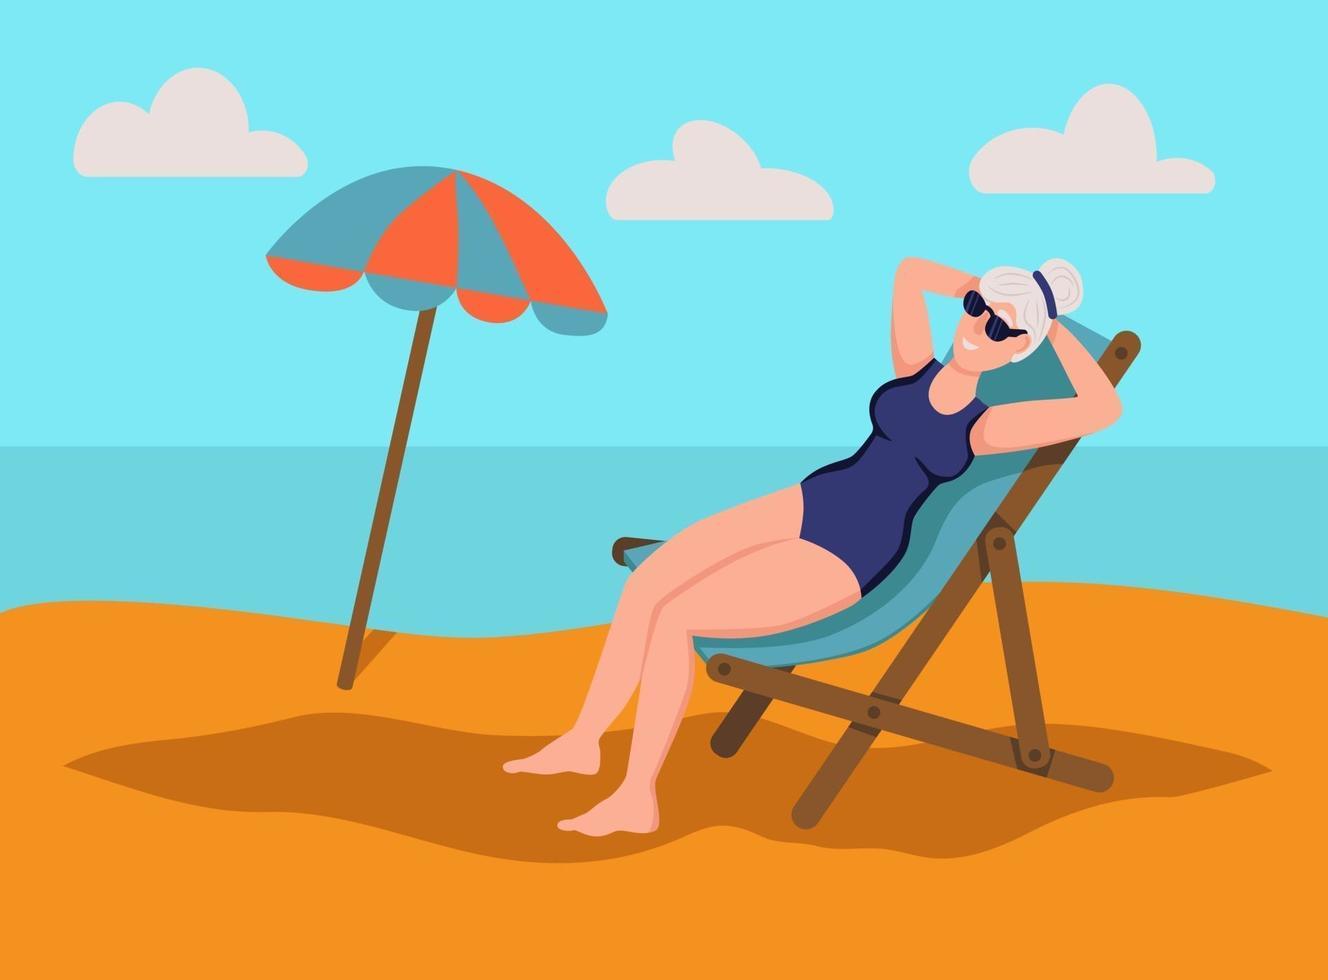 femme âgée en train de bronzer sur la plage. le concept de la vieillesse active. jour des personnes âgées. illustration vectorielle de dessin animé plat. vecteur